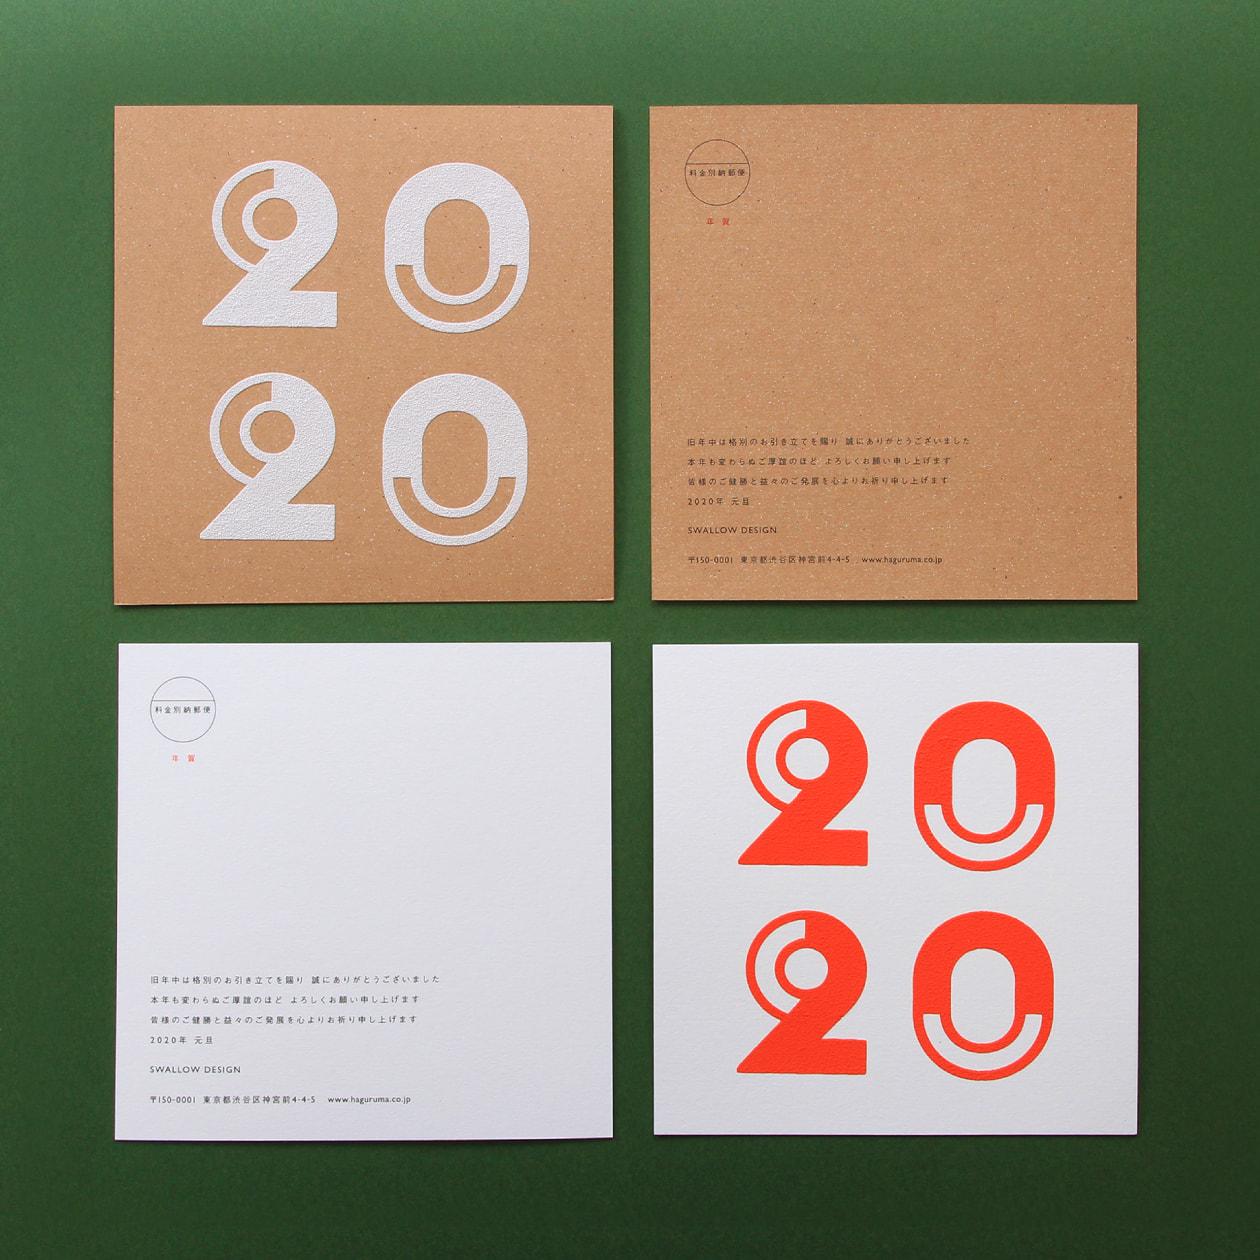 インパクトのある膨らむ印刷の年賀状